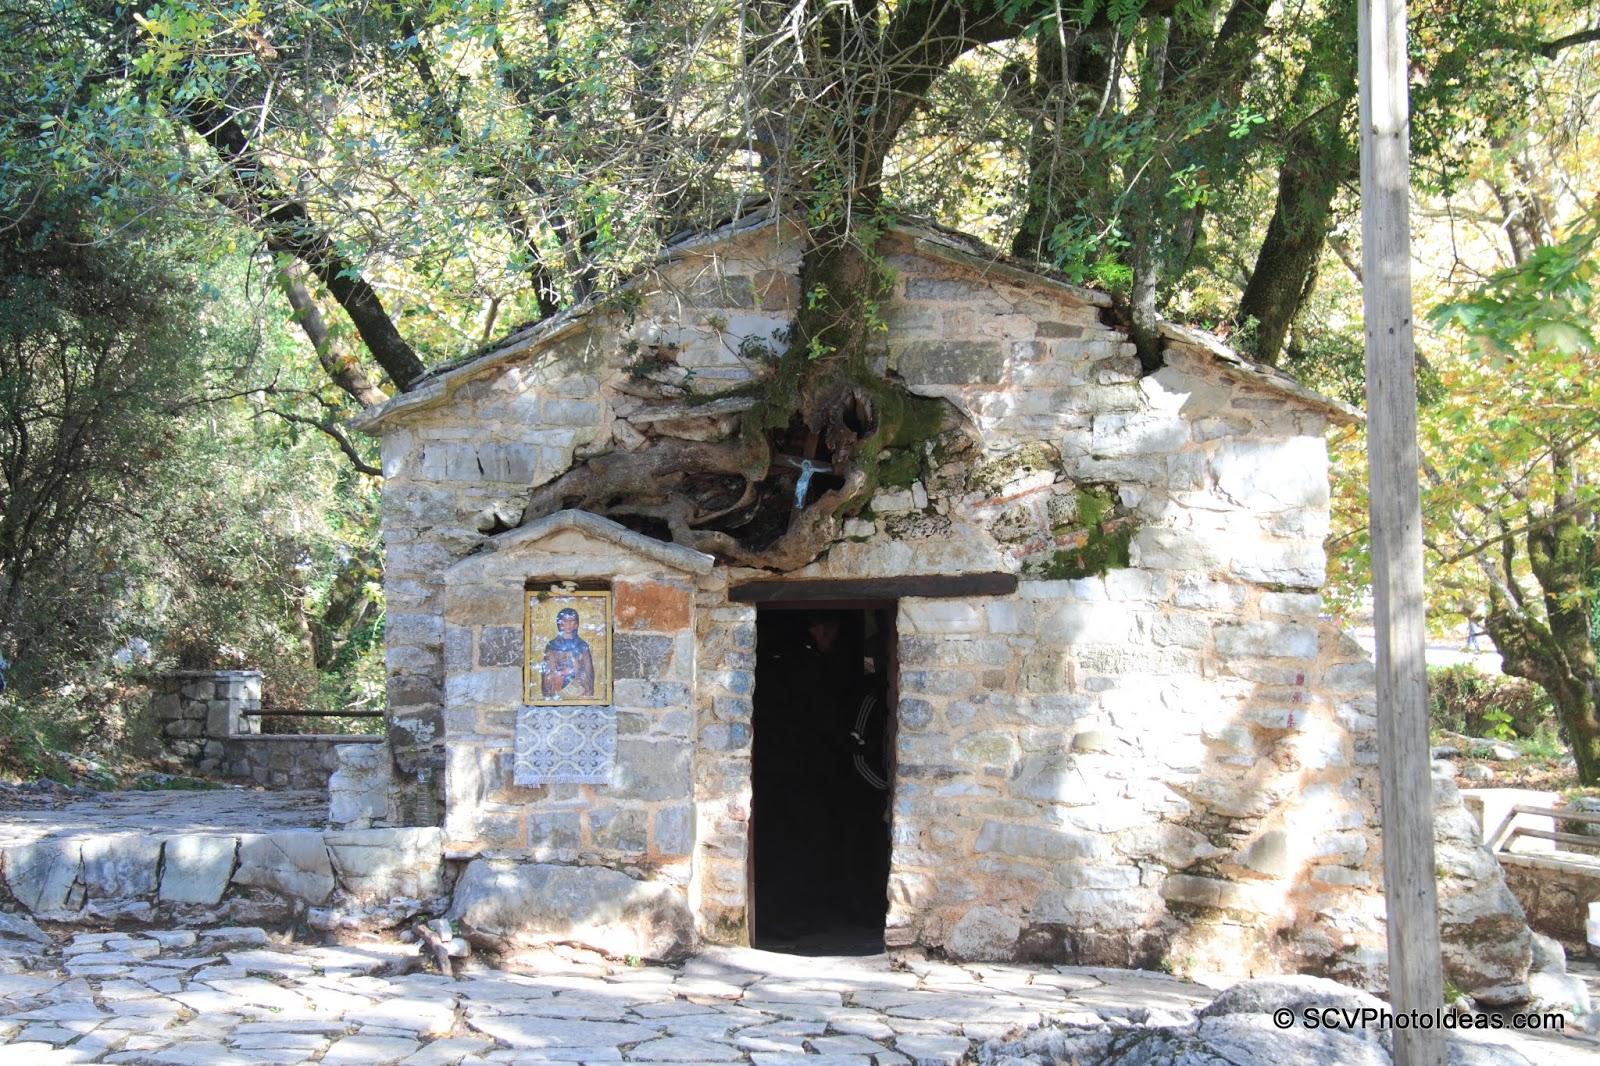 St. Theodora's chapel front door w/ oak tree